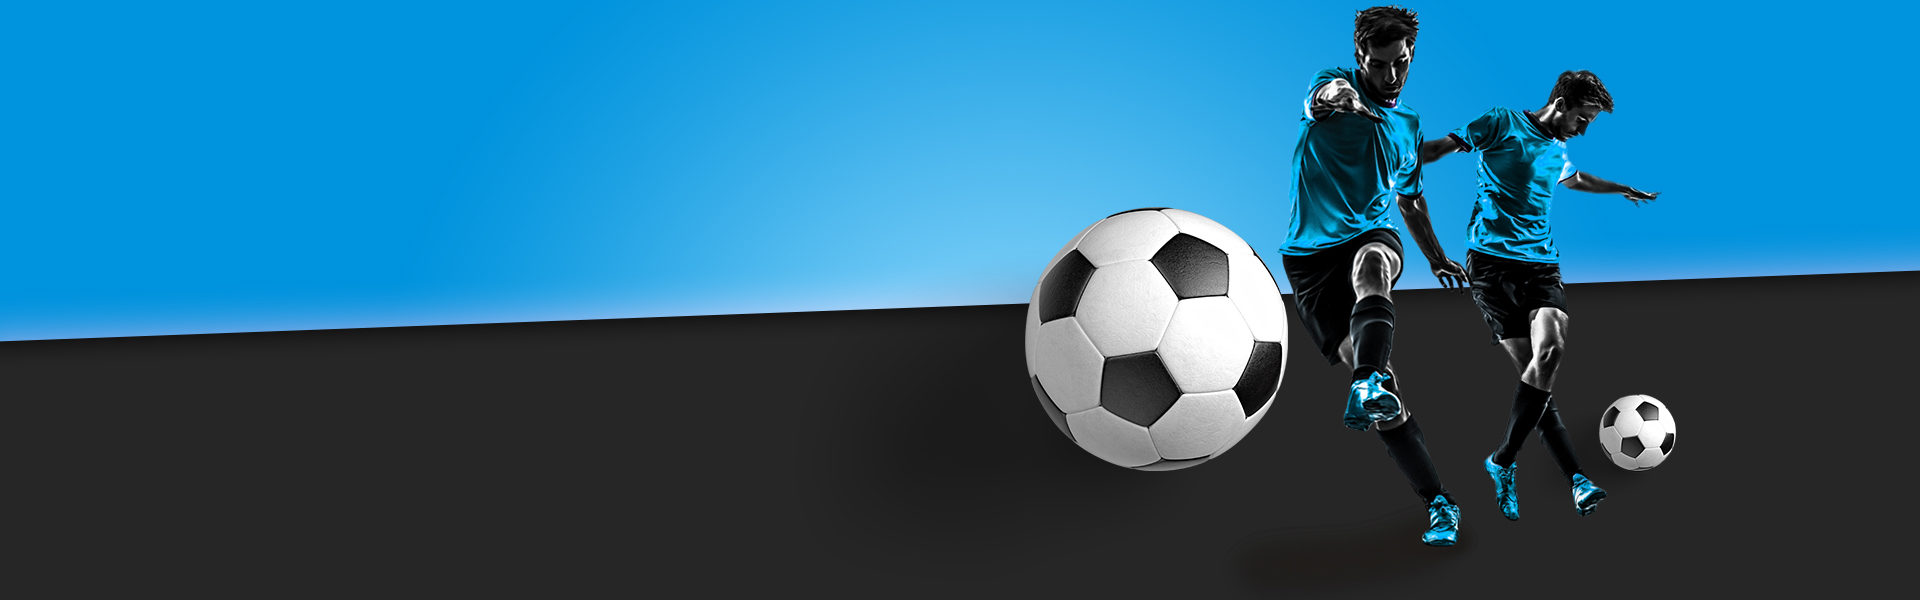 BIG FOOTBALL 22